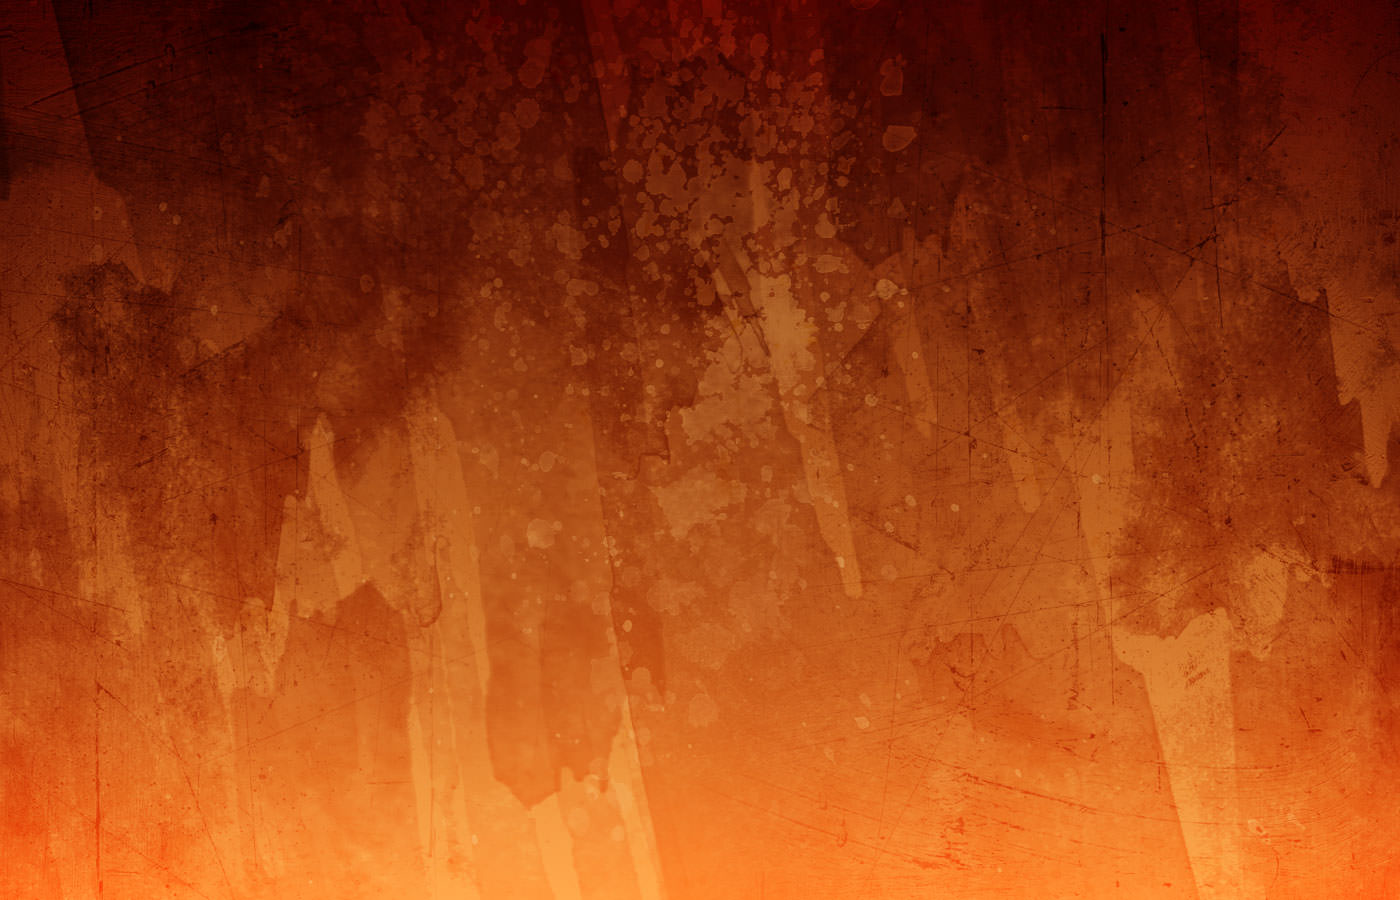 Free Fall Christian Desktop Wallpaper 25 Brown Grunge Wallpapers Backgrounds Freecreatives